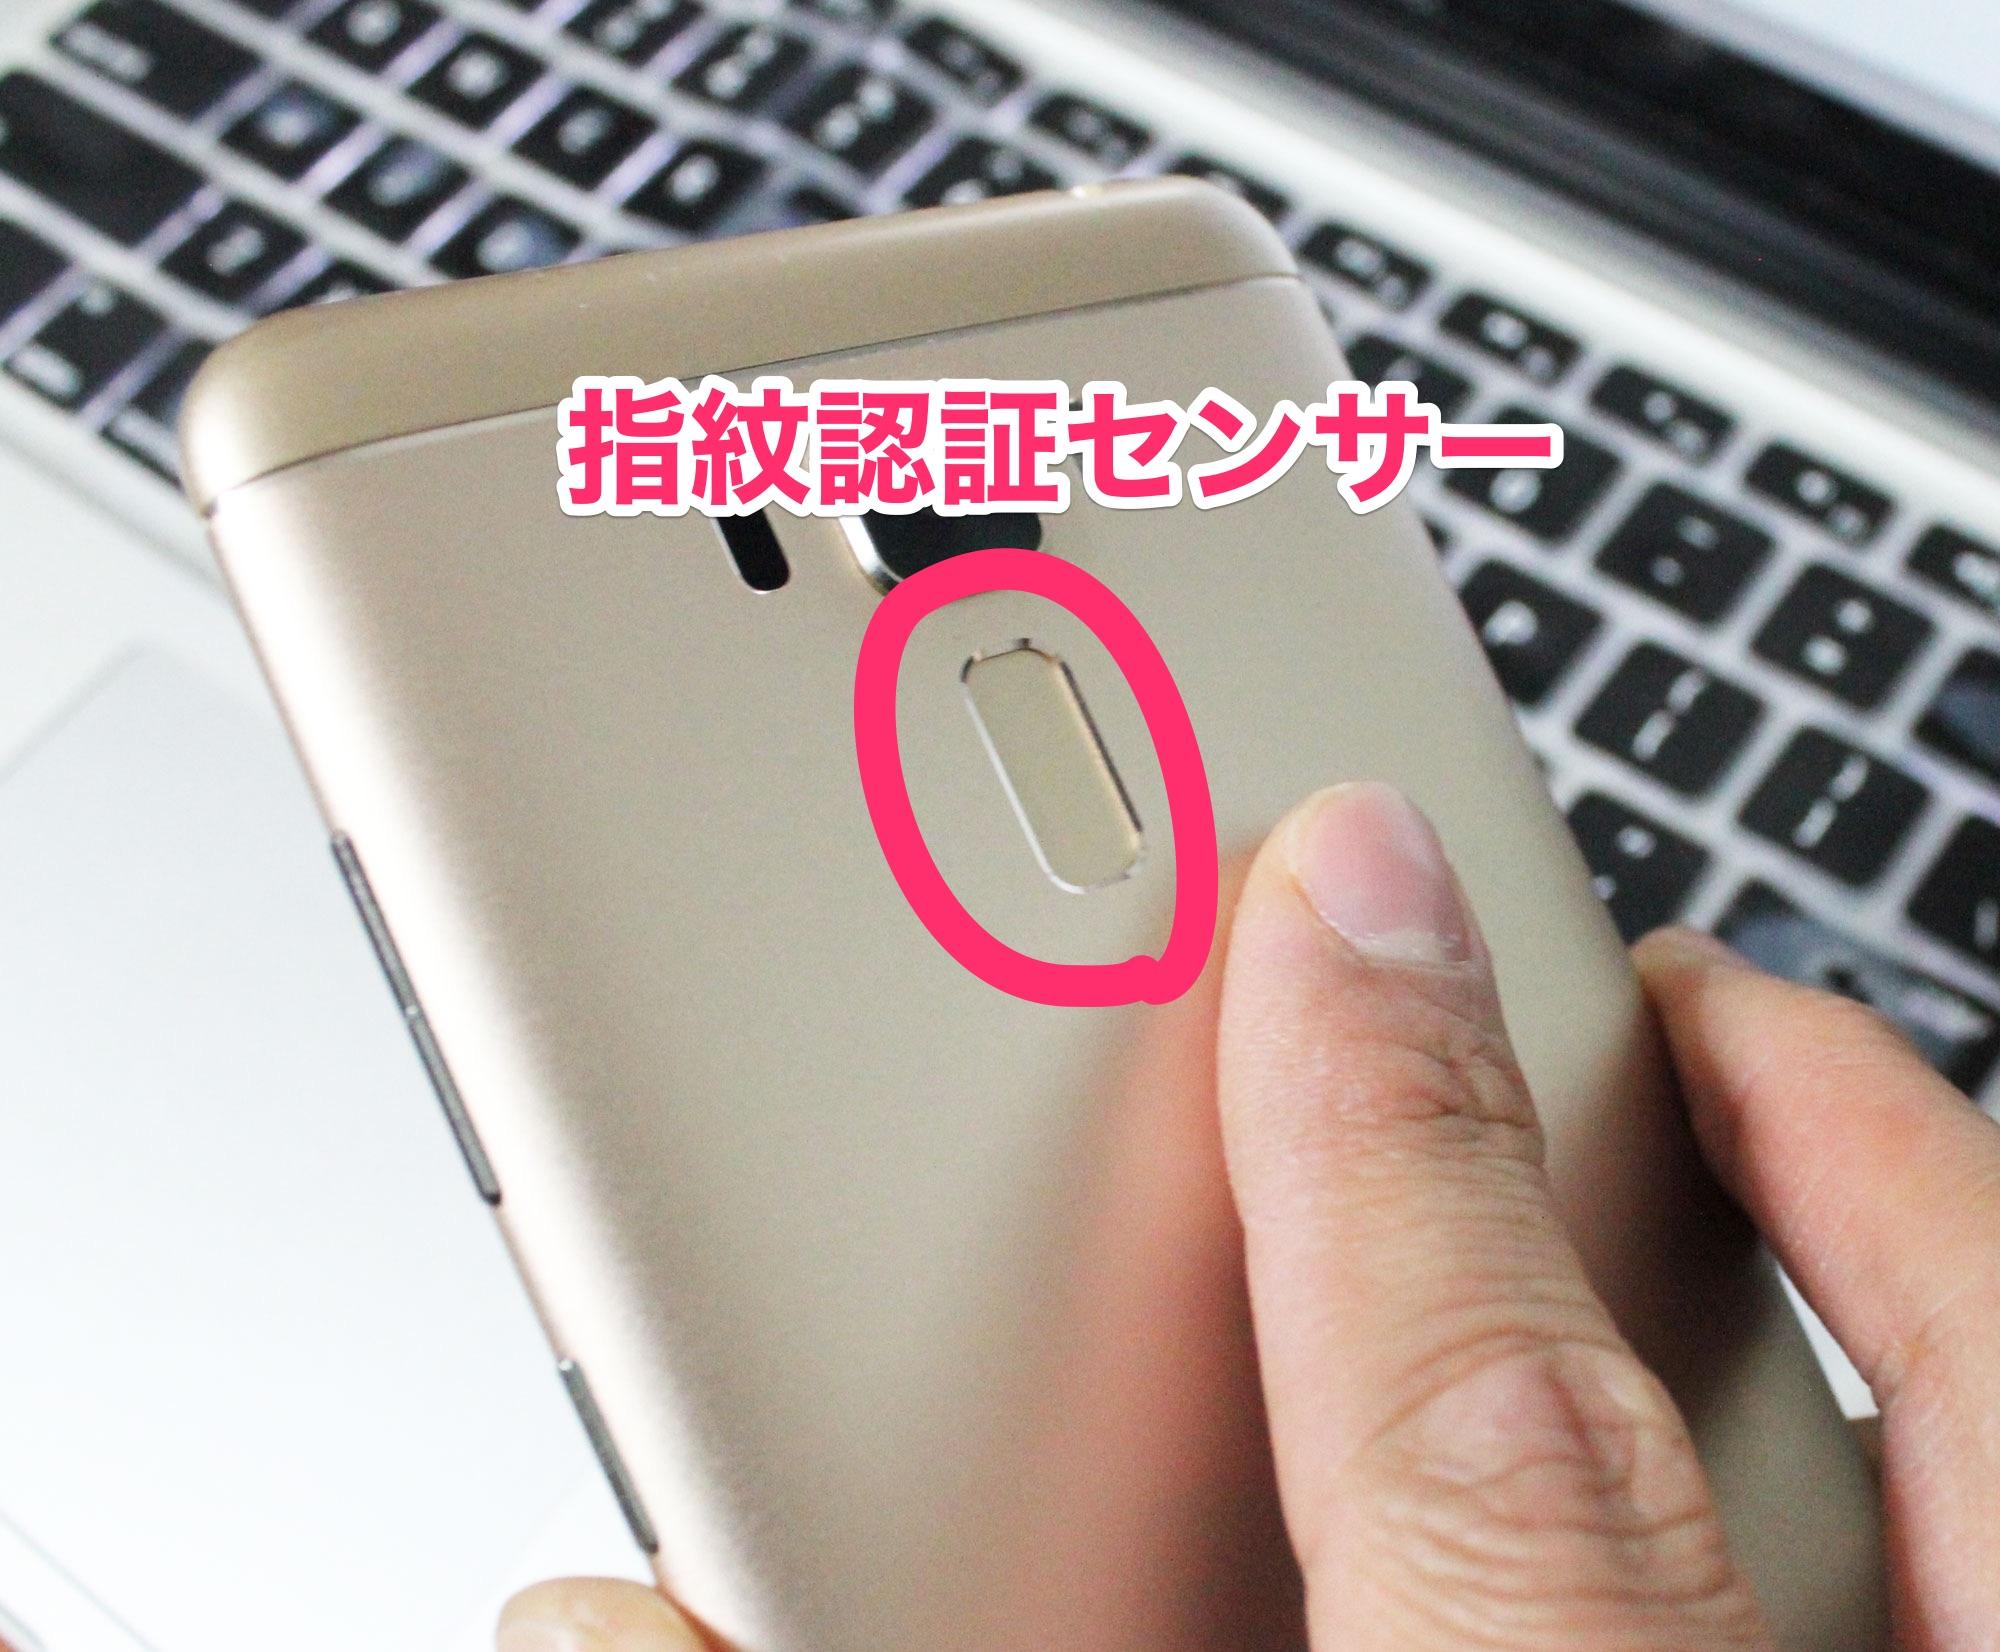 背面についている指紋認証センサー